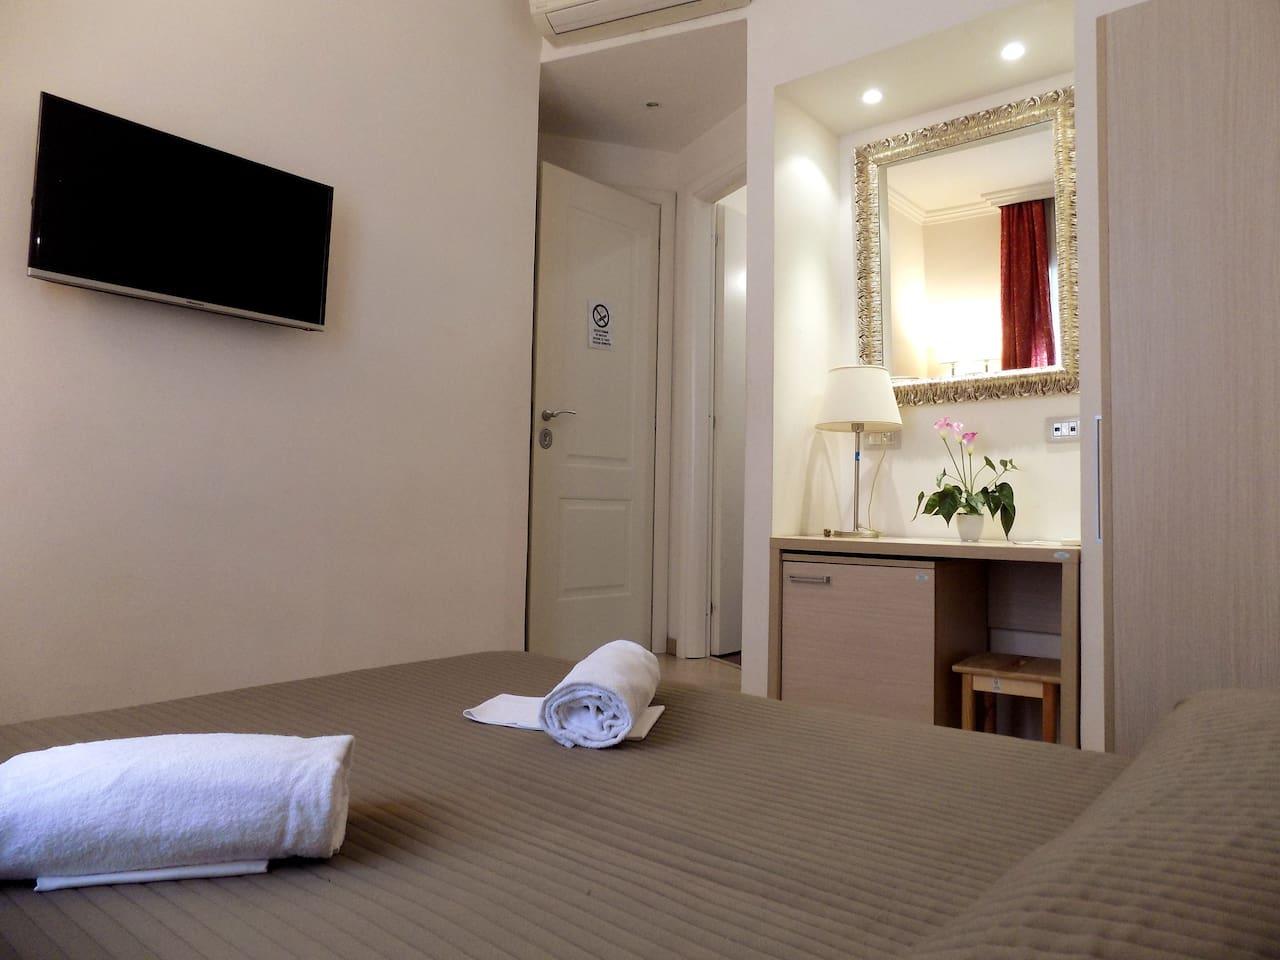 camera matrimoniale con bagno privato, wifi, tv, armadio